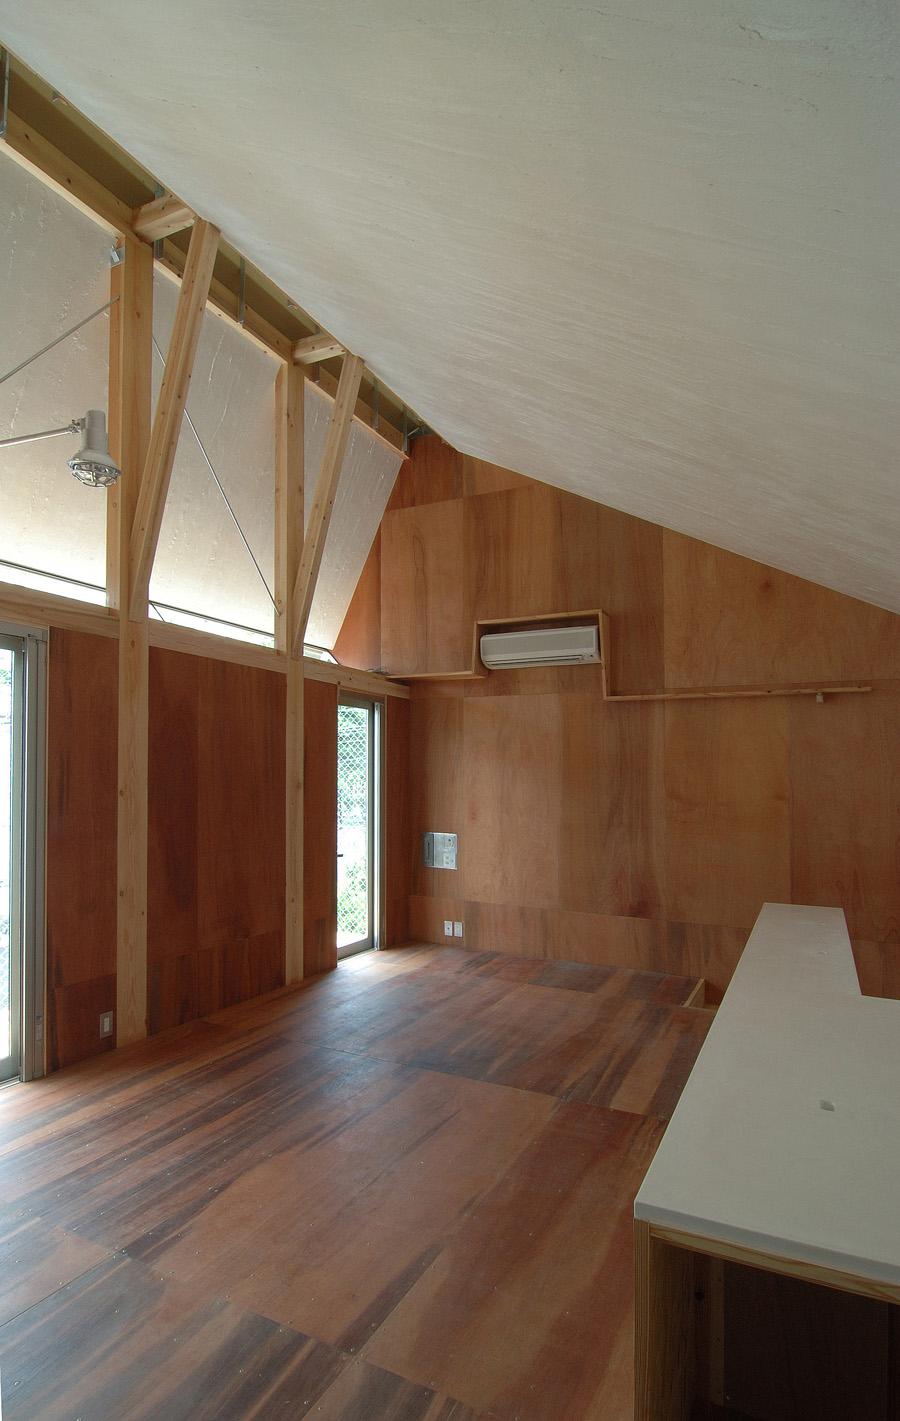 Ventilator House 通気塔の家